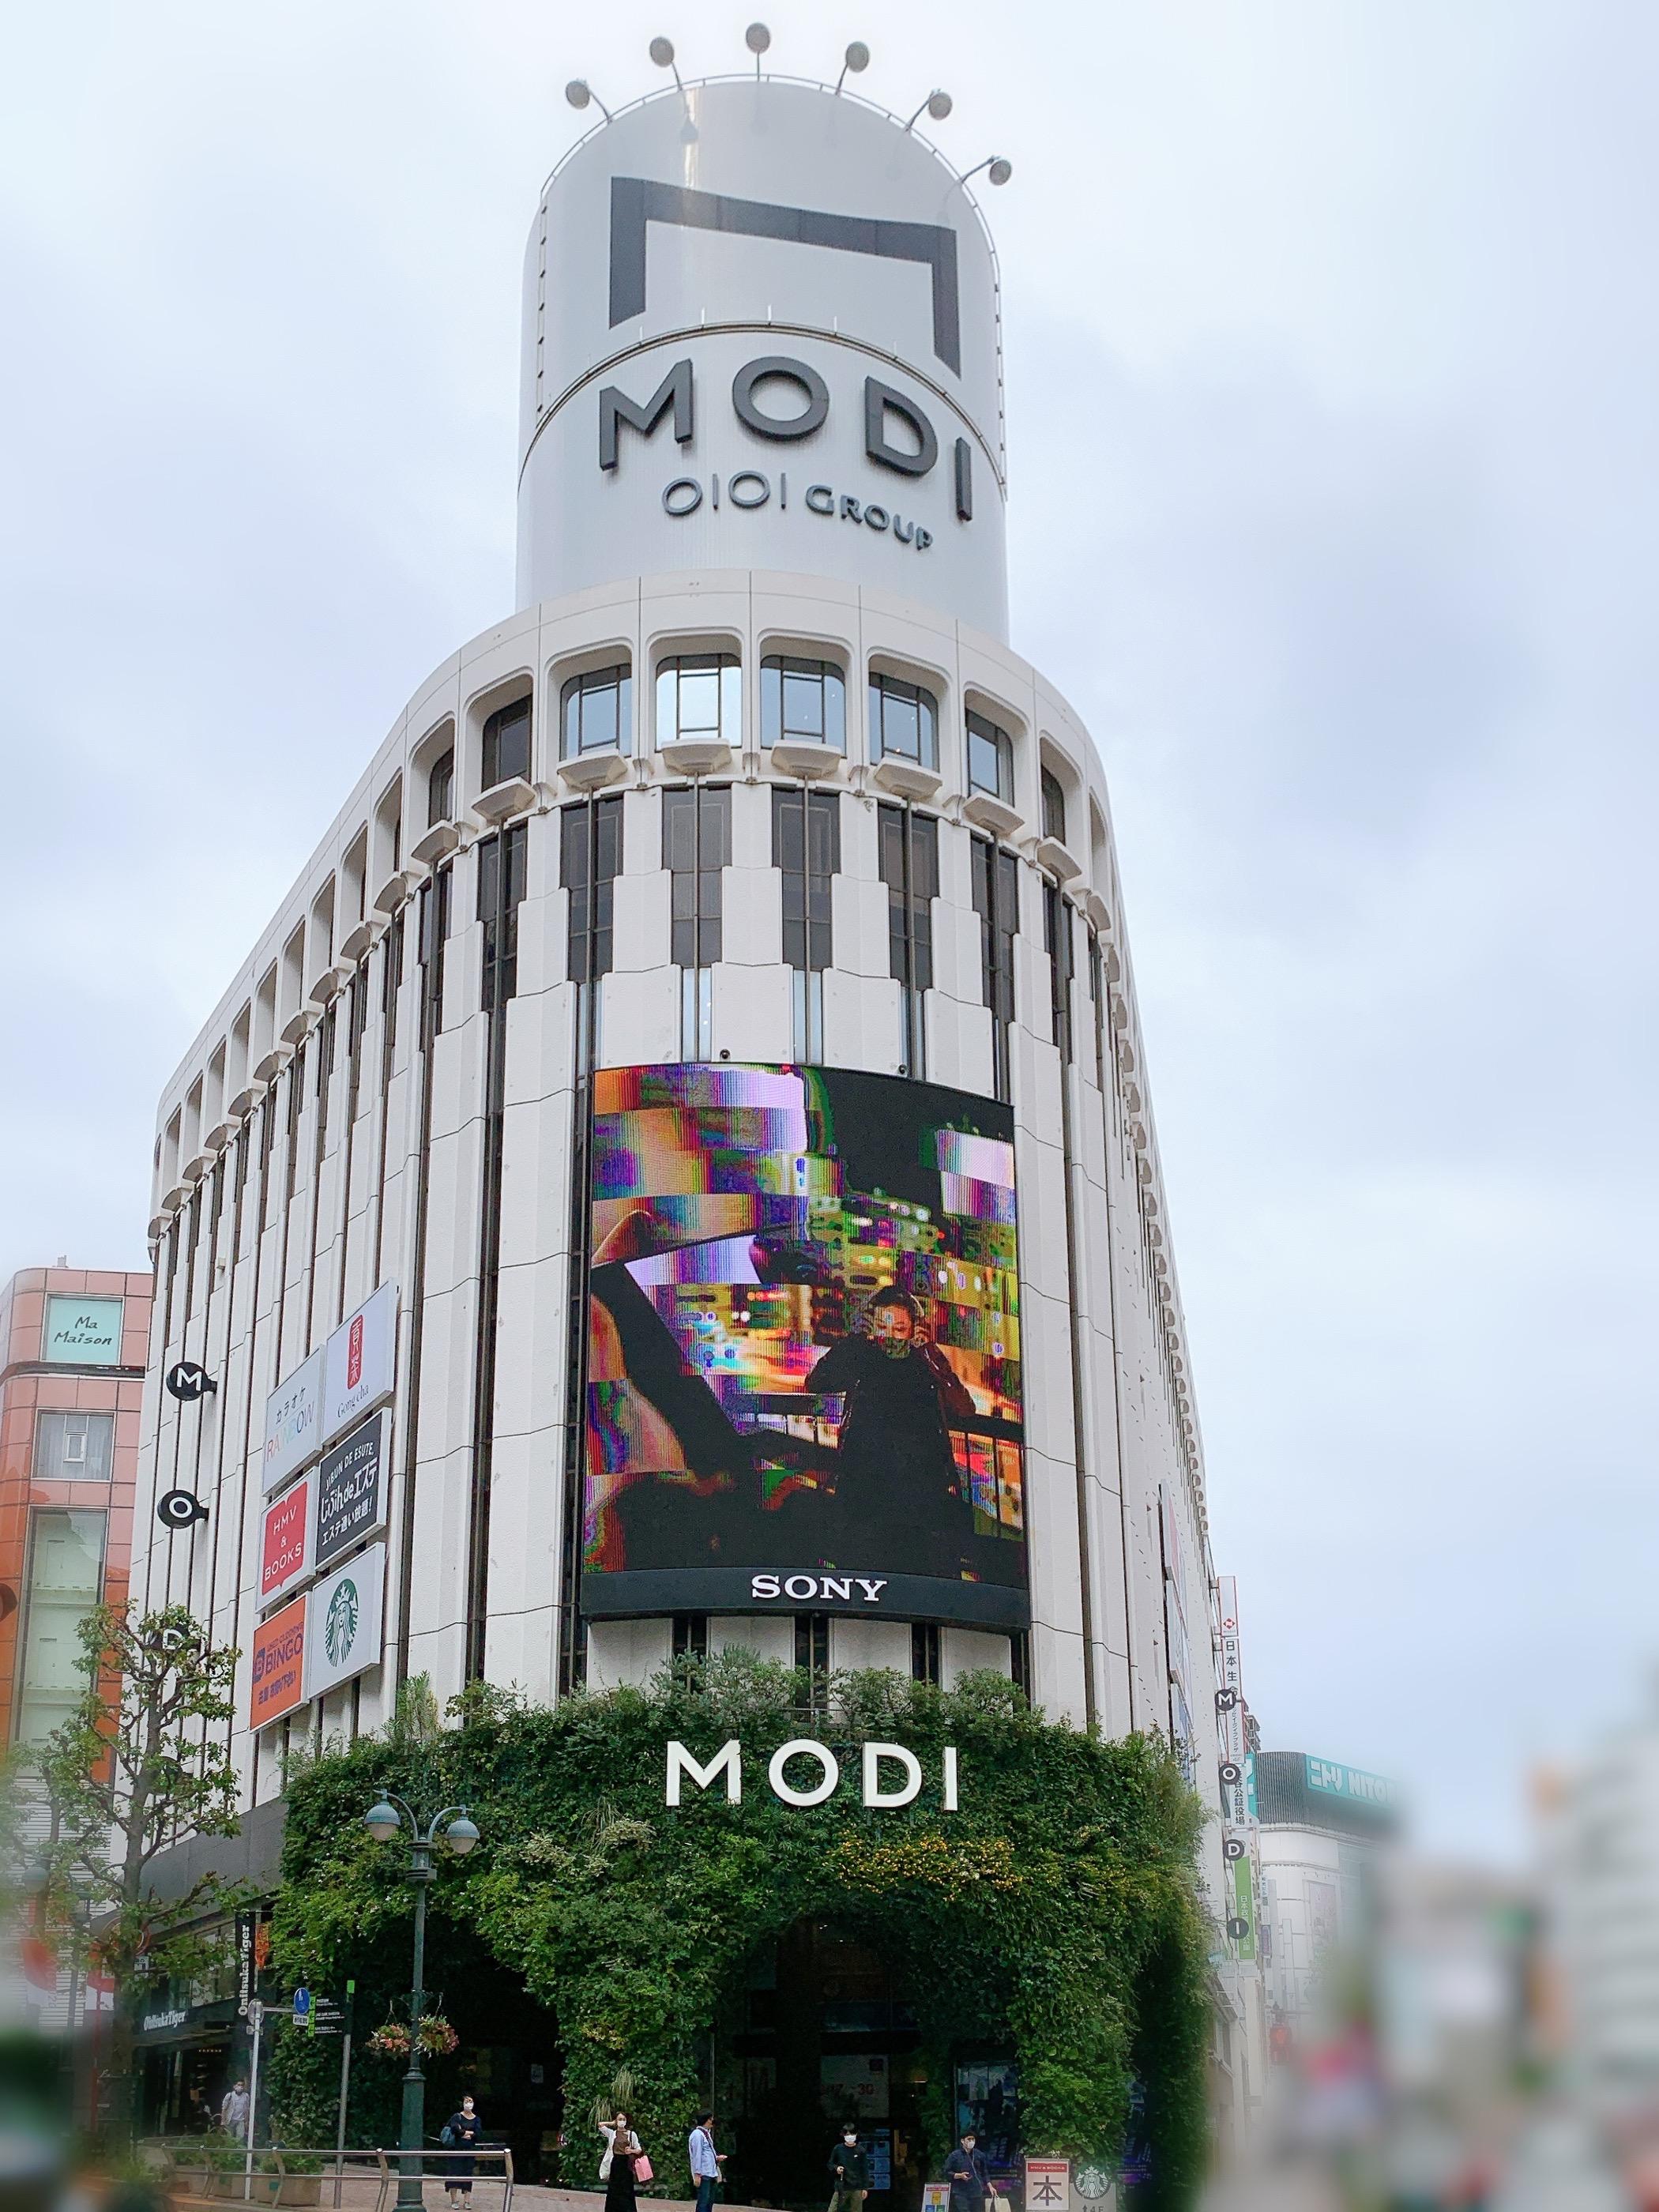 【期間限定】マスクイベント渋谷MODY1階にてPOP UP SHOP OPEN中!9/30(水)まで!